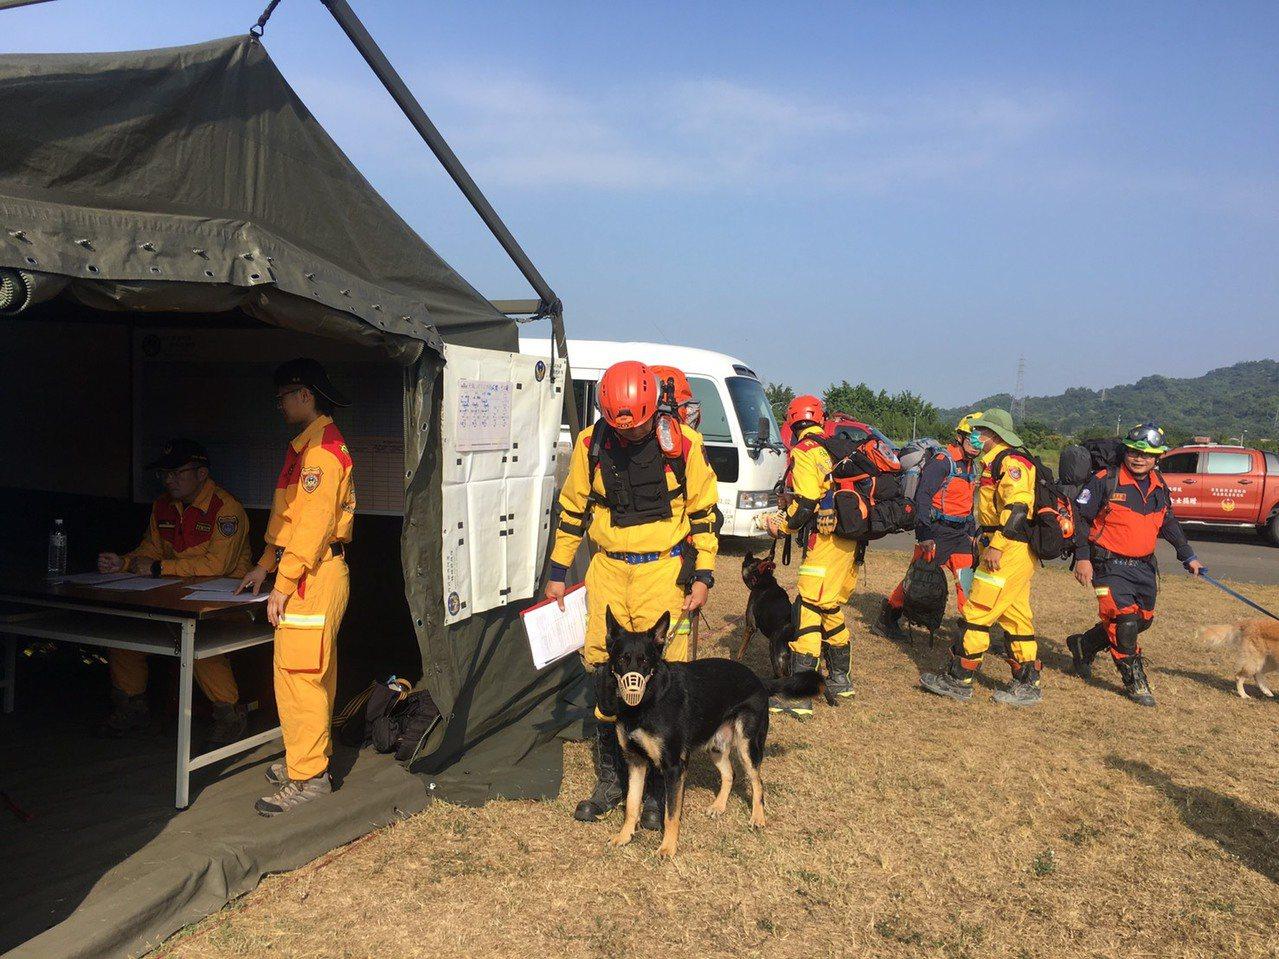 內政部消防署本月5日至7日舉辦「2019亞洲區MRT搜救犬隊救援能力認證」,今天...